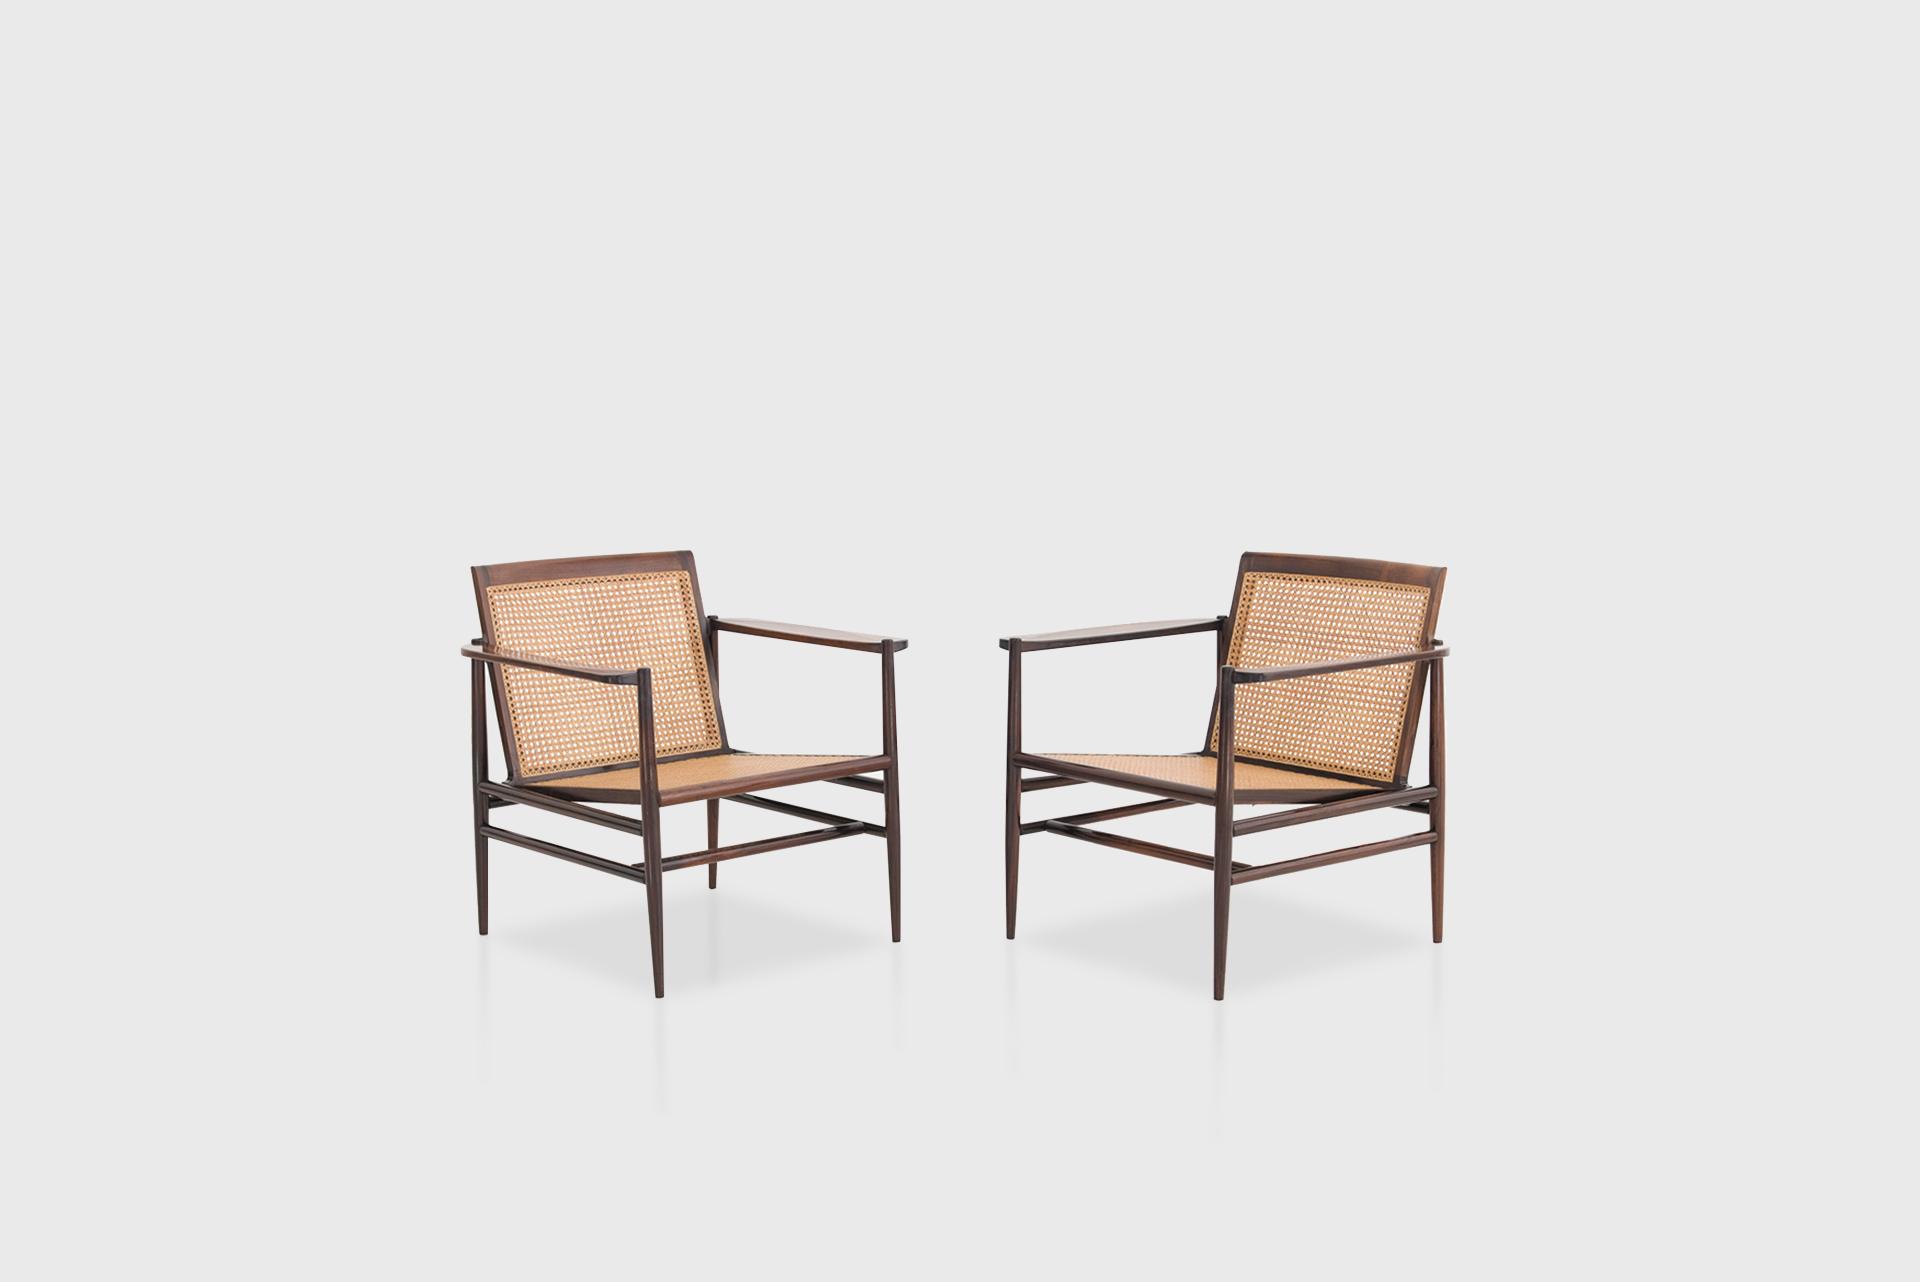 Pair of armchairs Manufactured by Tenreiro Móveis e Decorações Brazil, 1950s Jacaranda wood, cane